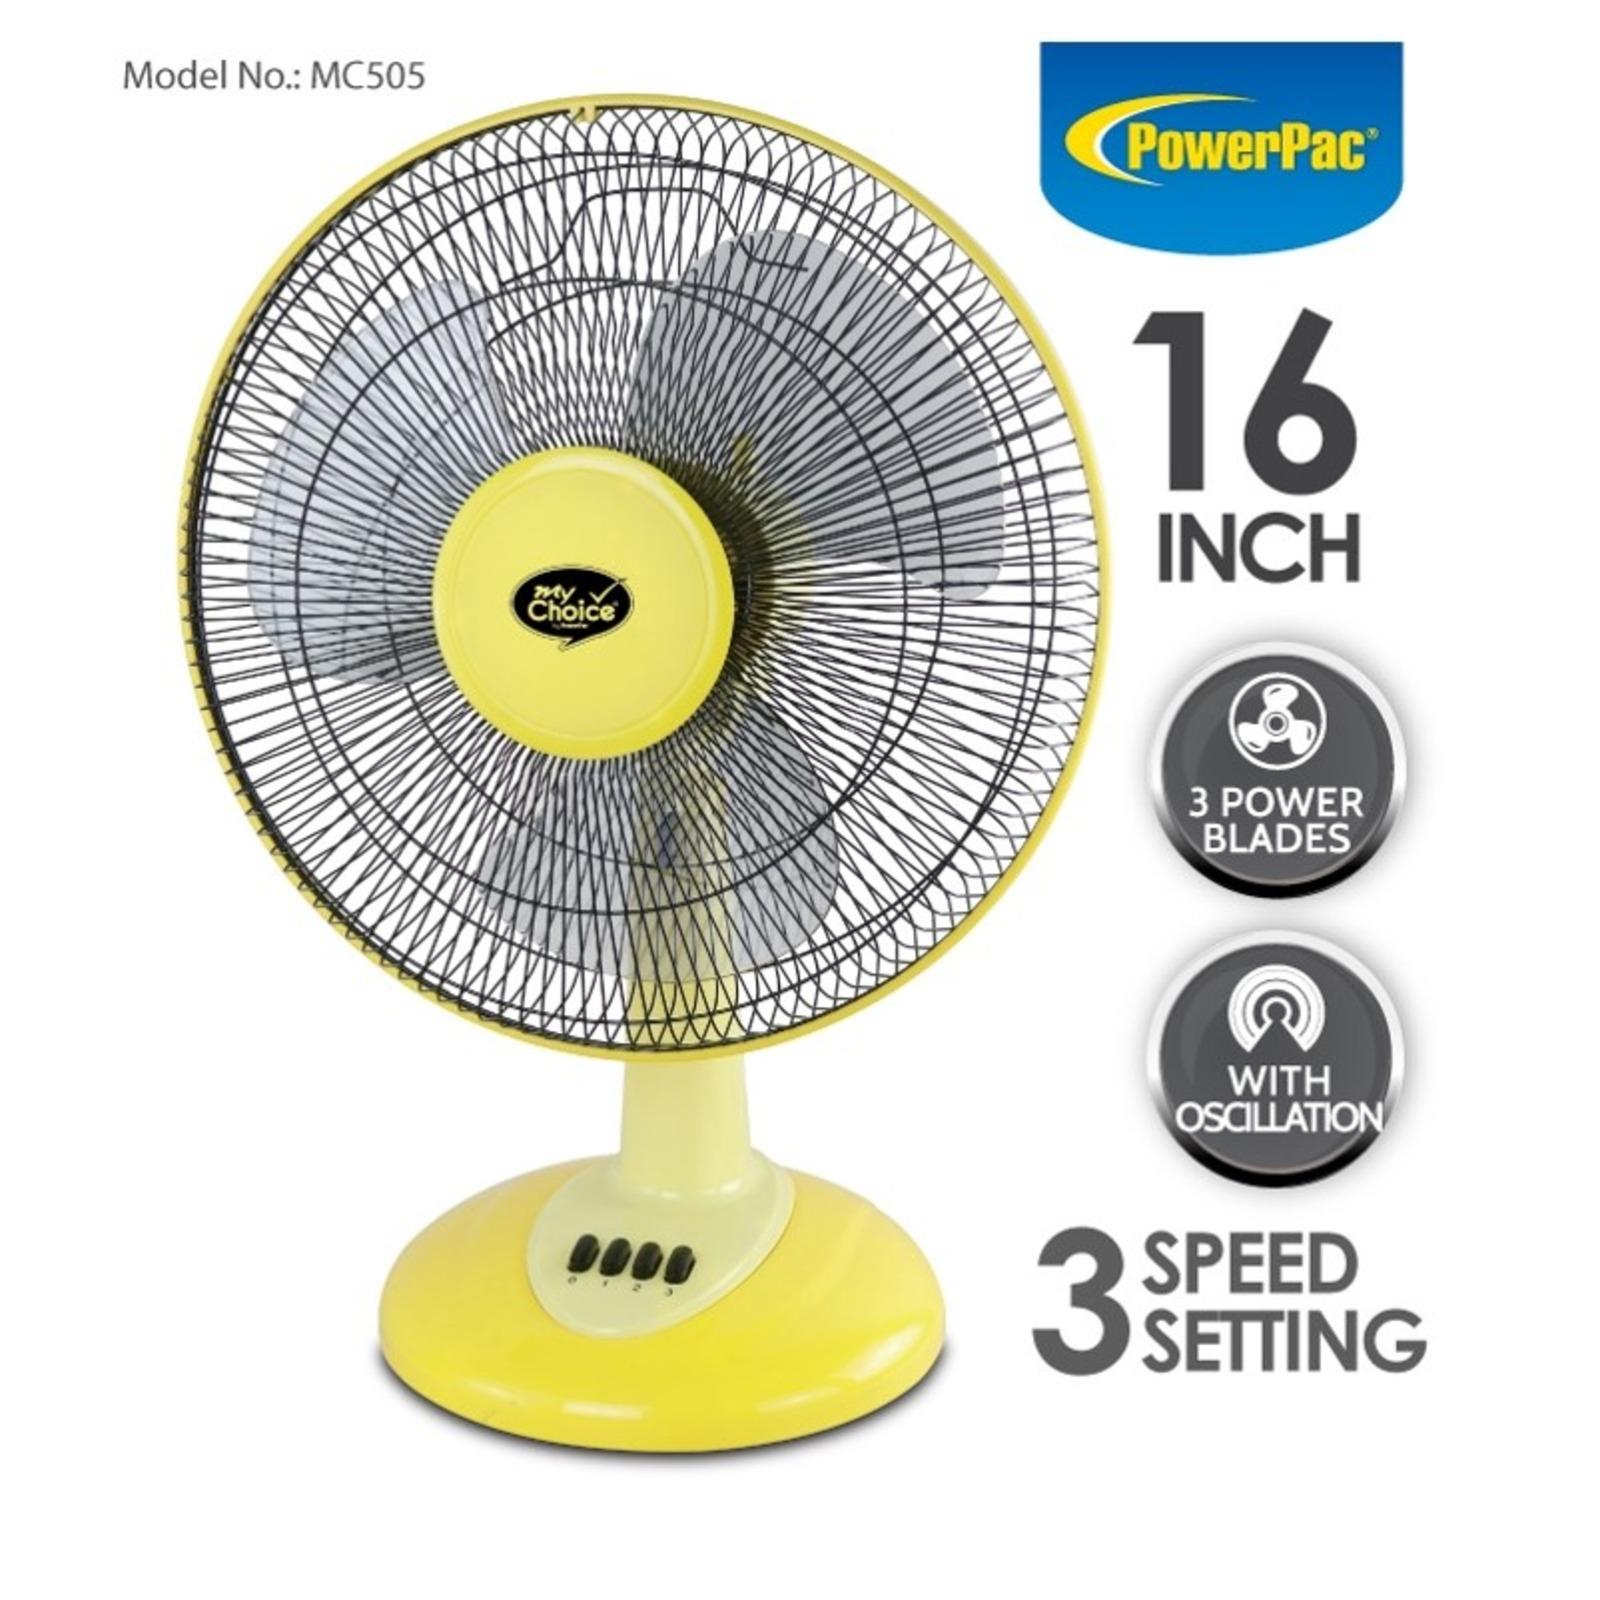 PowerPac (MC505Y) 16 Inch Desk Fan